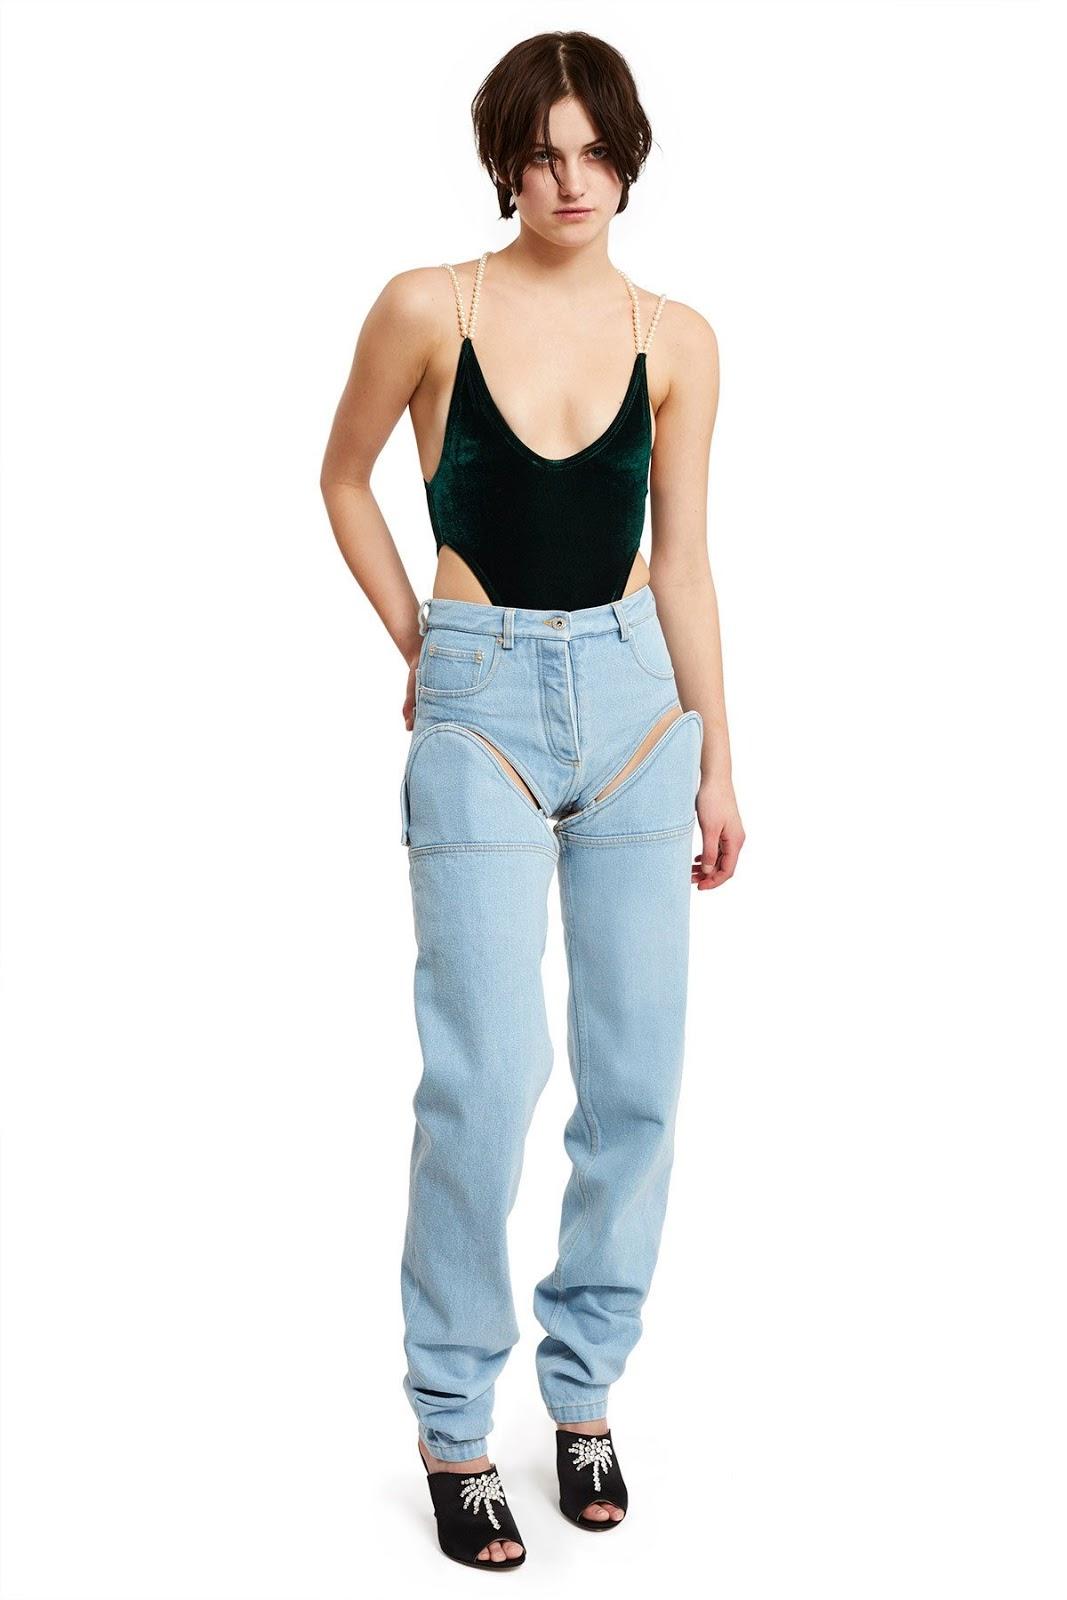 76d4810feb Blog - Ipermaq Máquinas de Costura  Marca lança calça jeans que vira ...